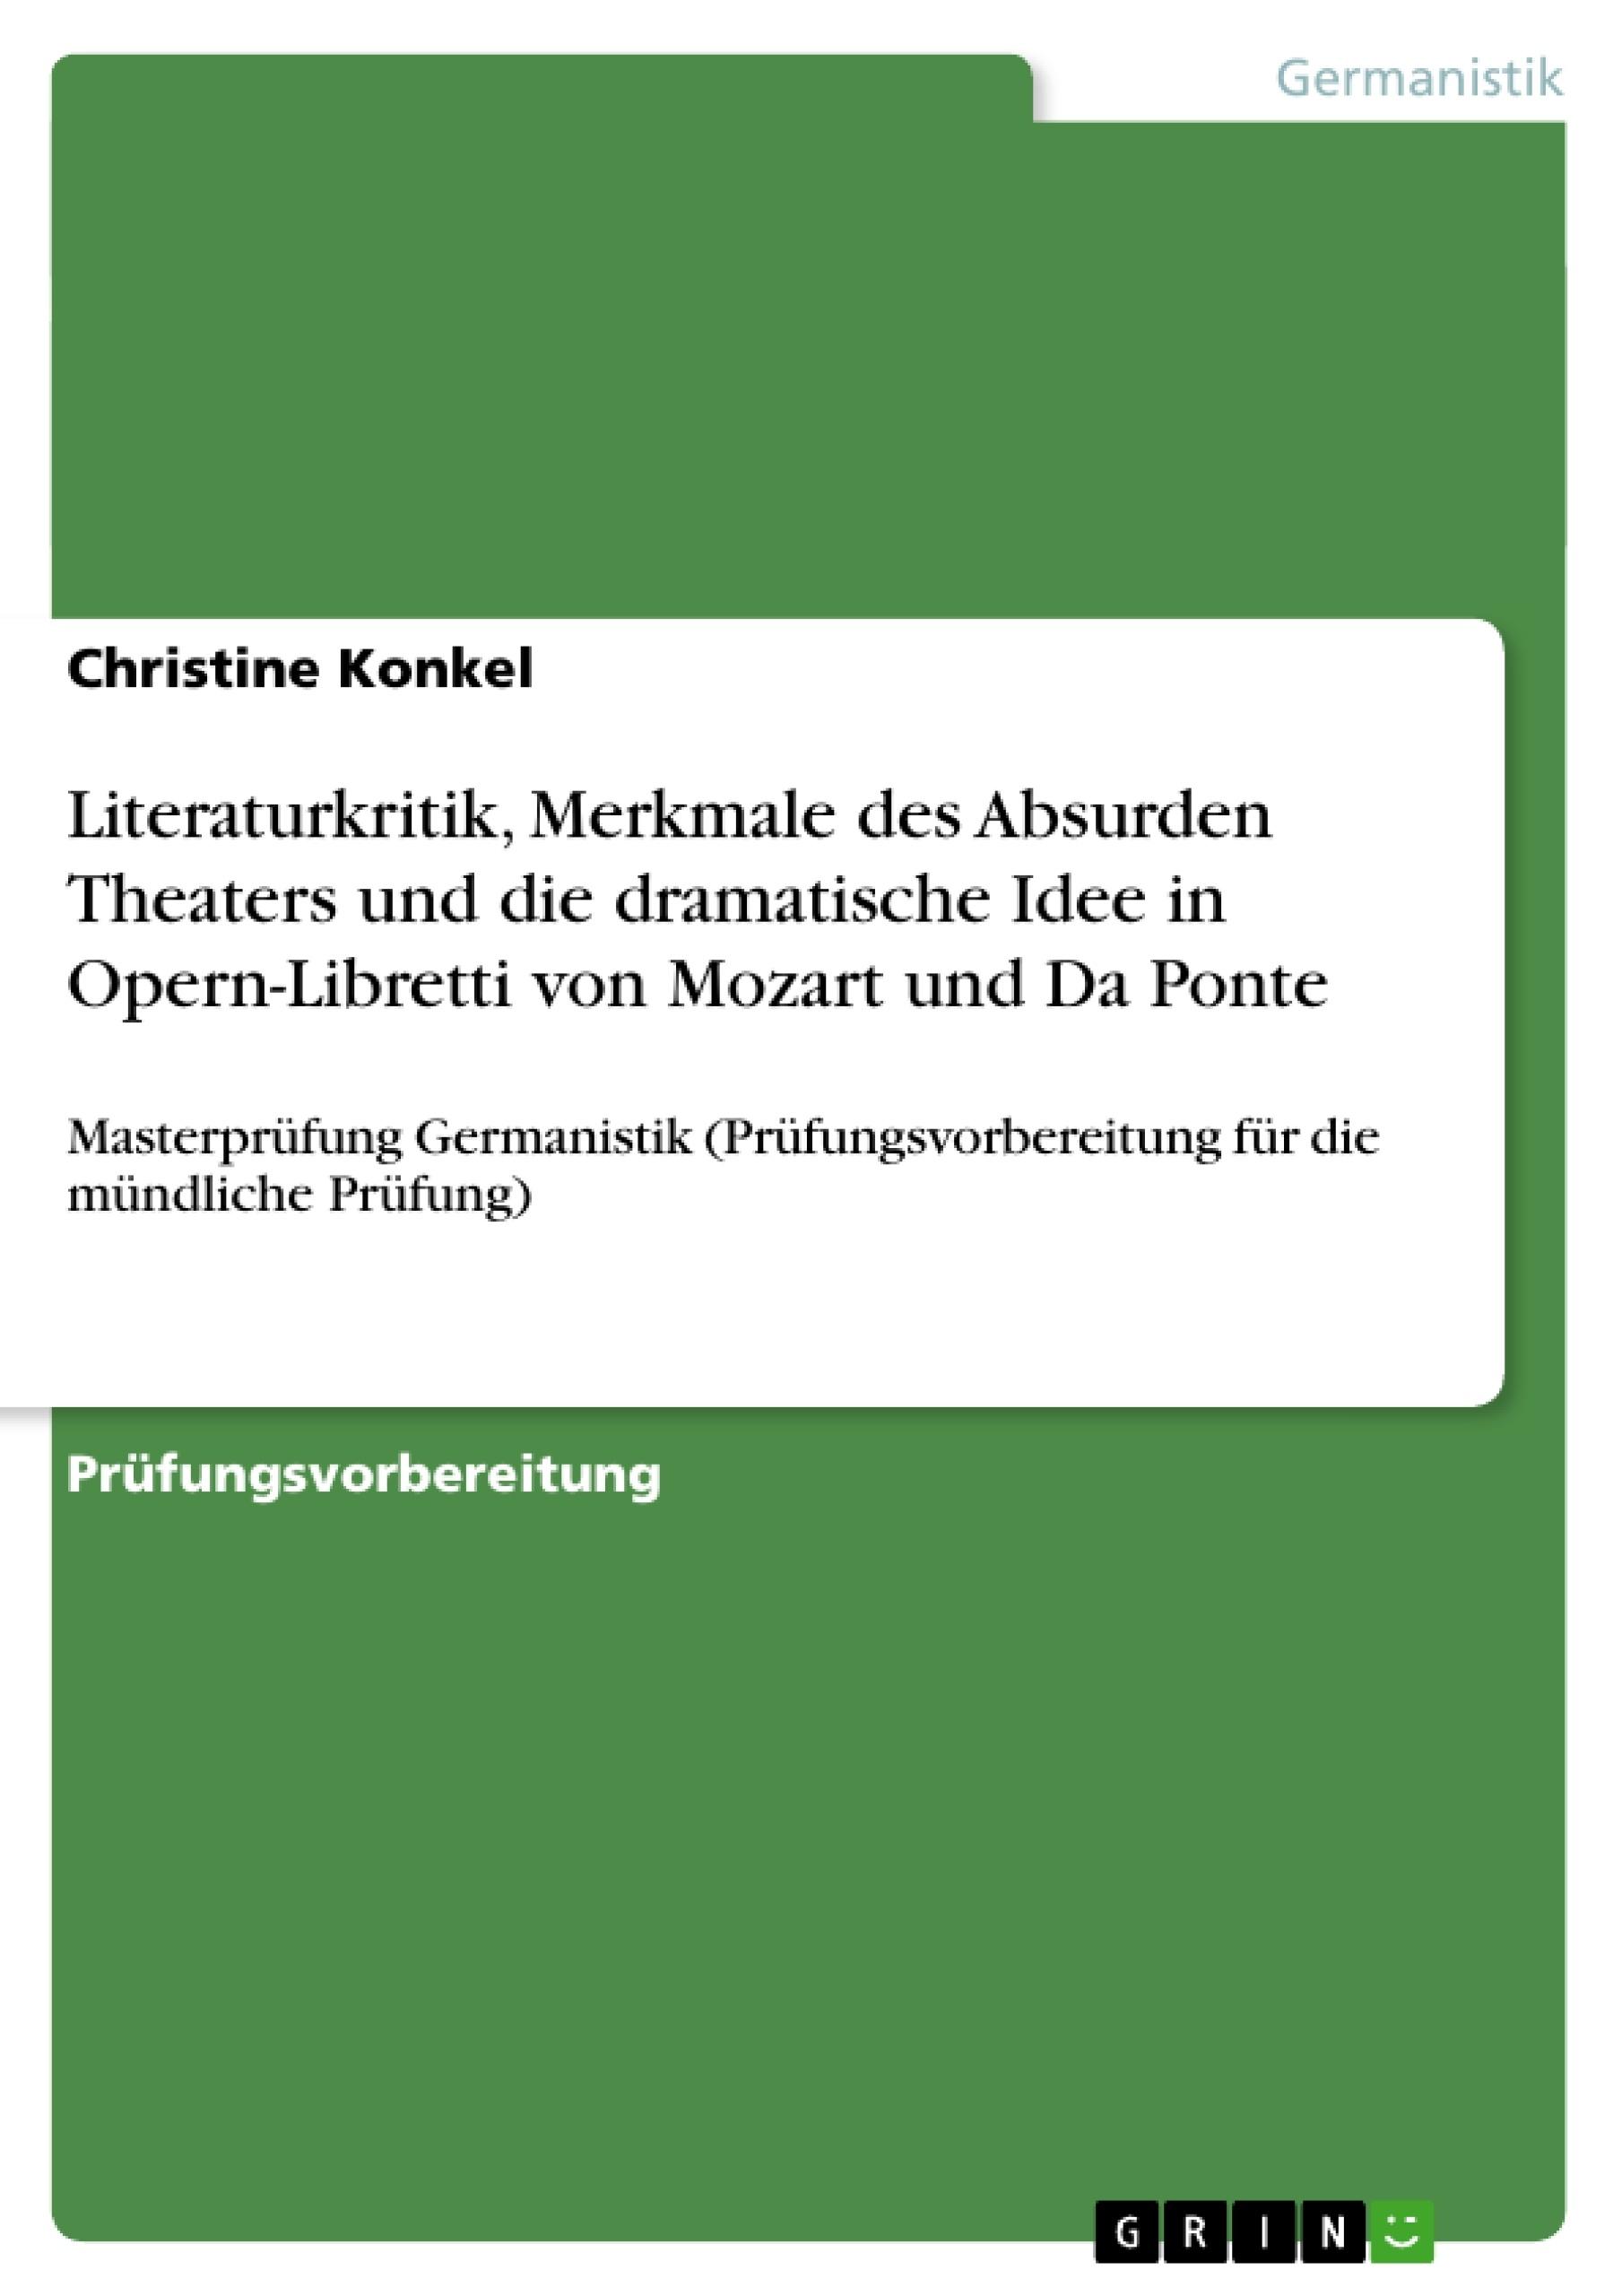 Titel: Literaturkritik, Merkmale des Absurden Theaters und die dramatische Idee in Opern-Libretti von Mozart und Da Ponte